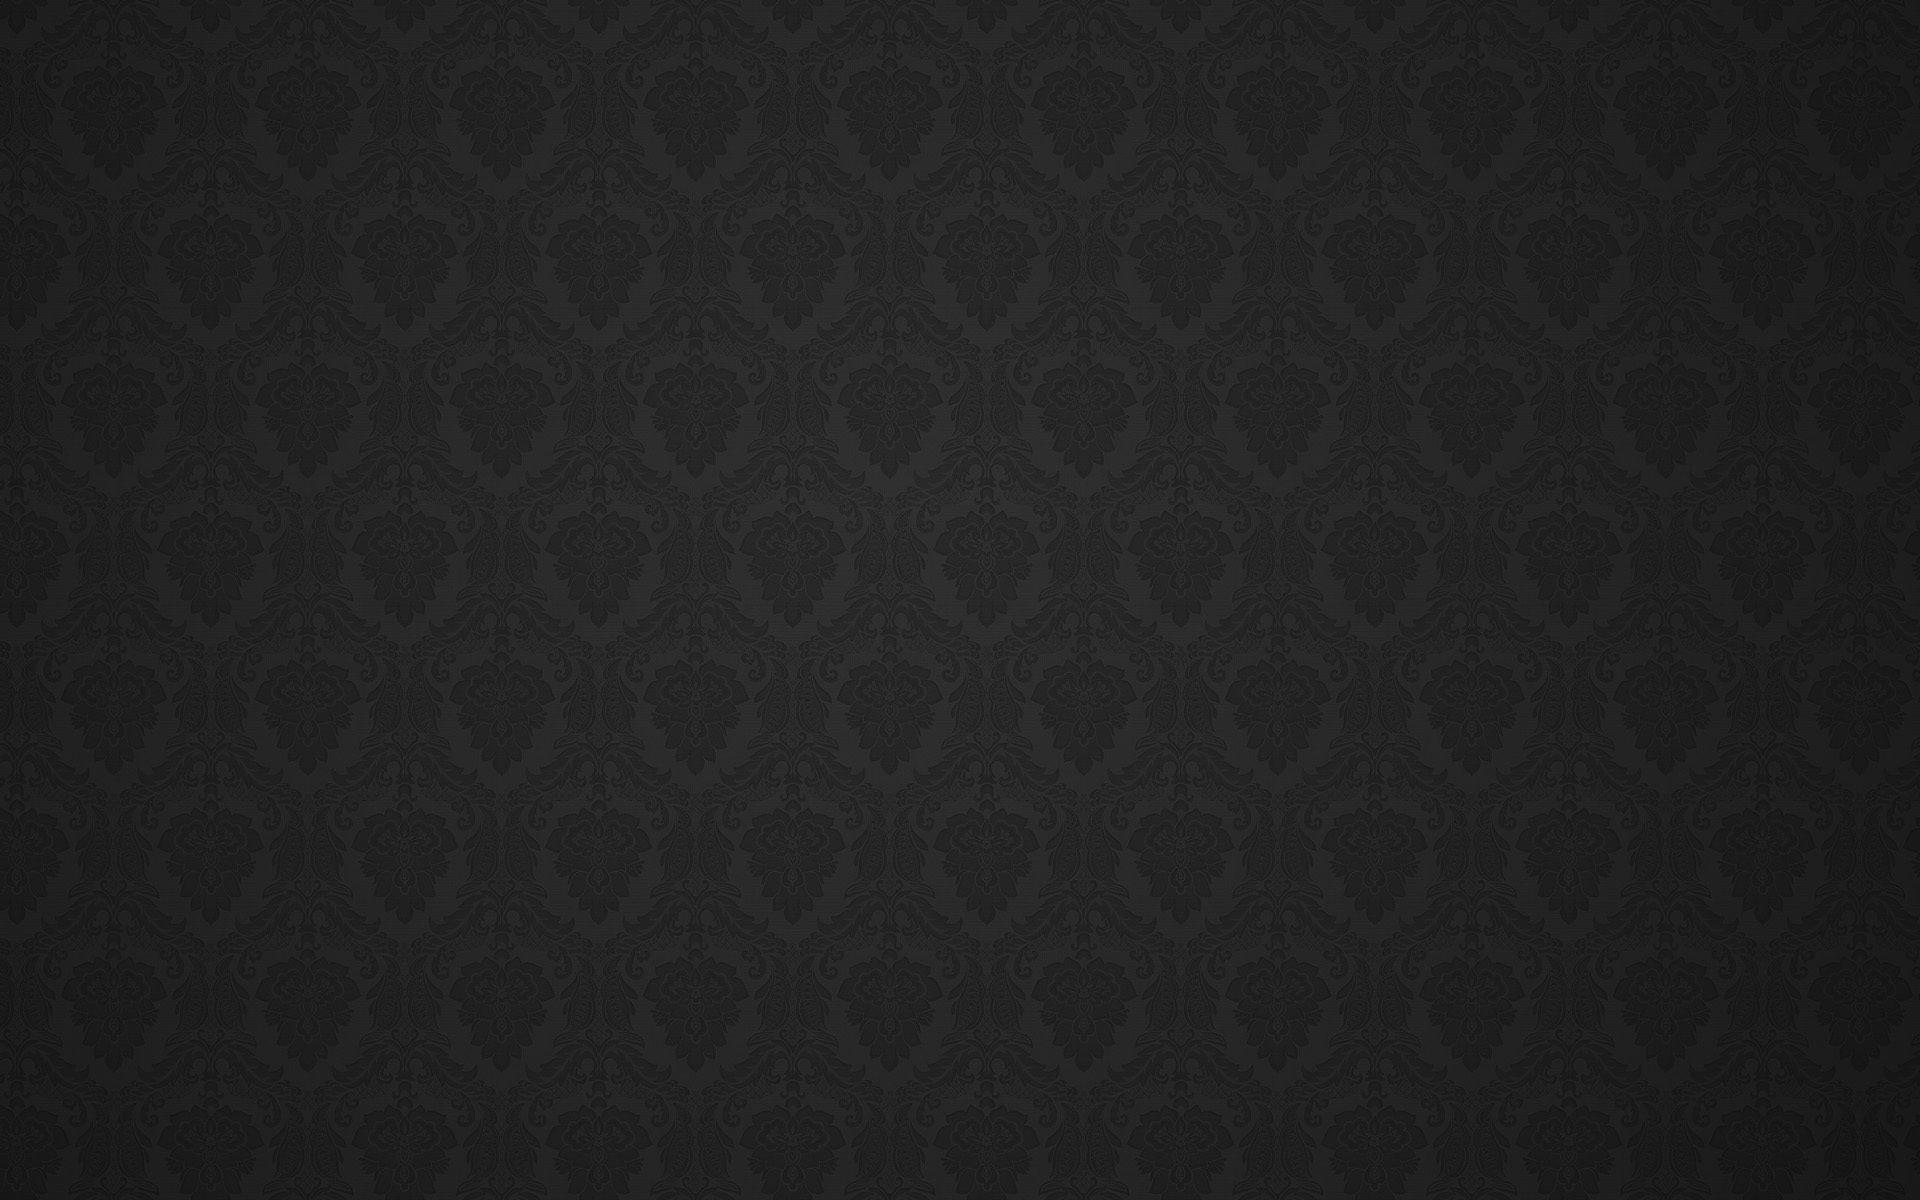 84513 скачать обои Текстуры, Симметрия, Фон, Поверхность, Текстура, Узоры - заставки и картинки бесплатно